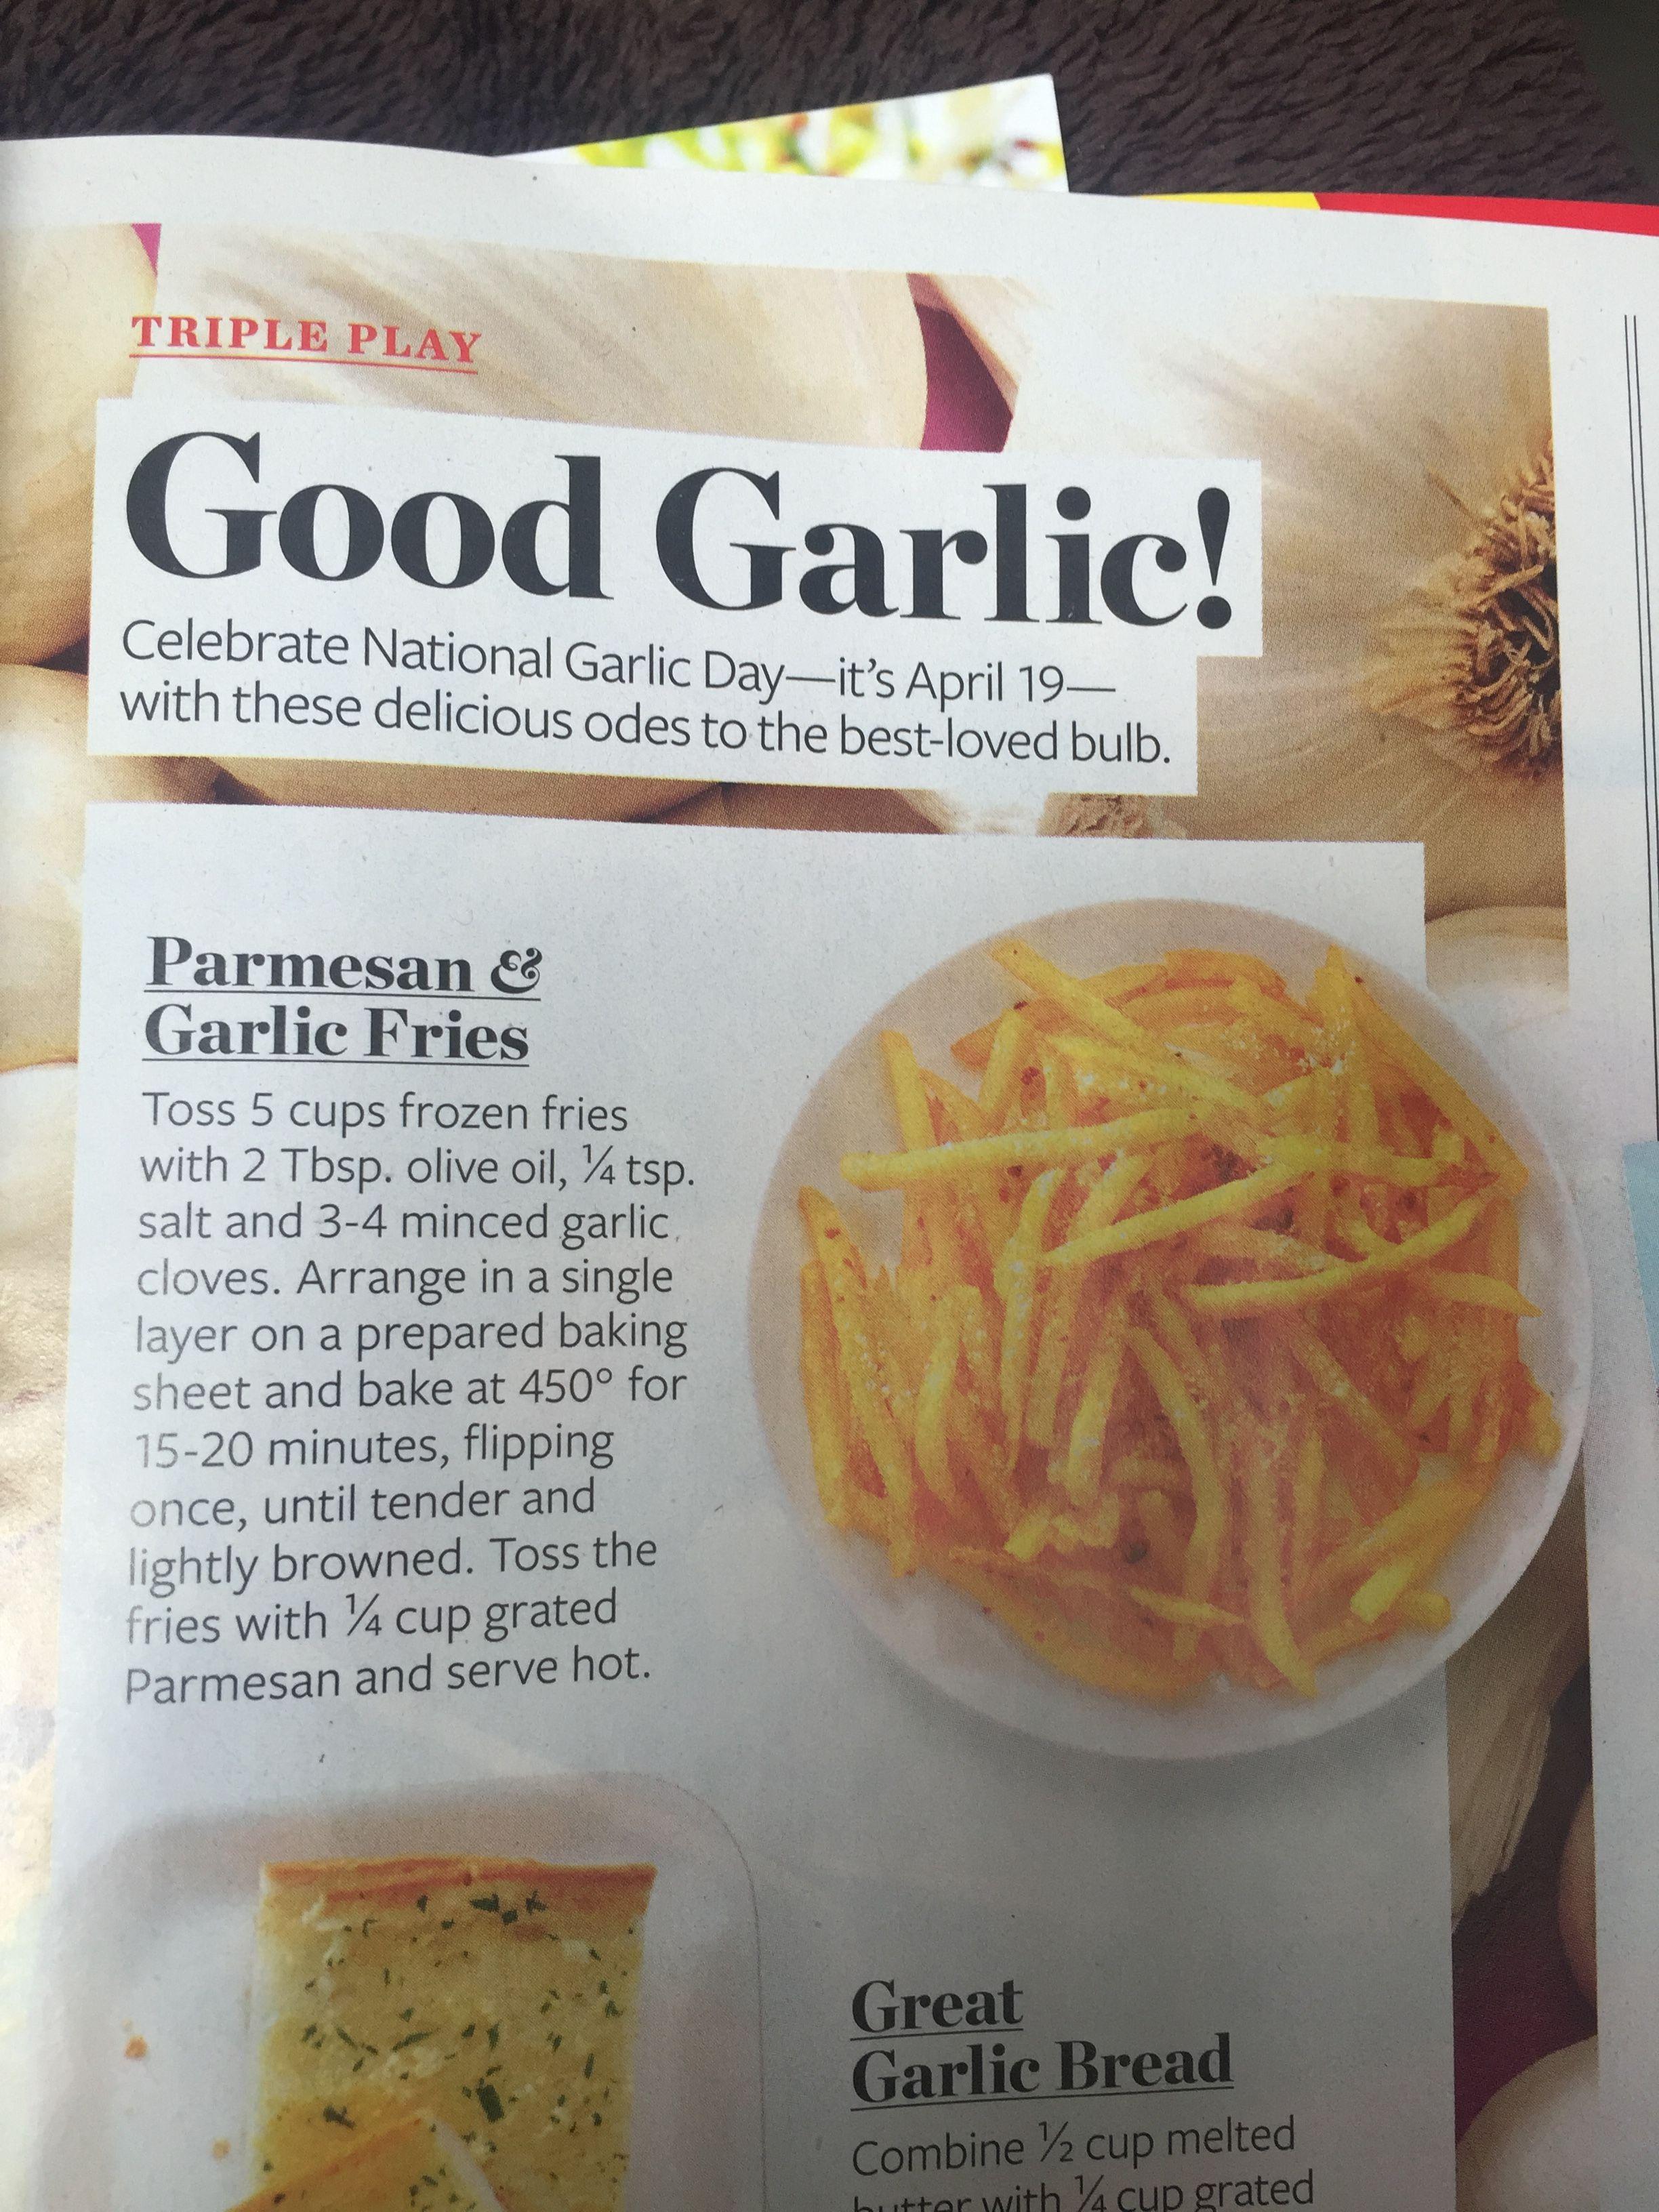 Parmesan & garlic baked fries.